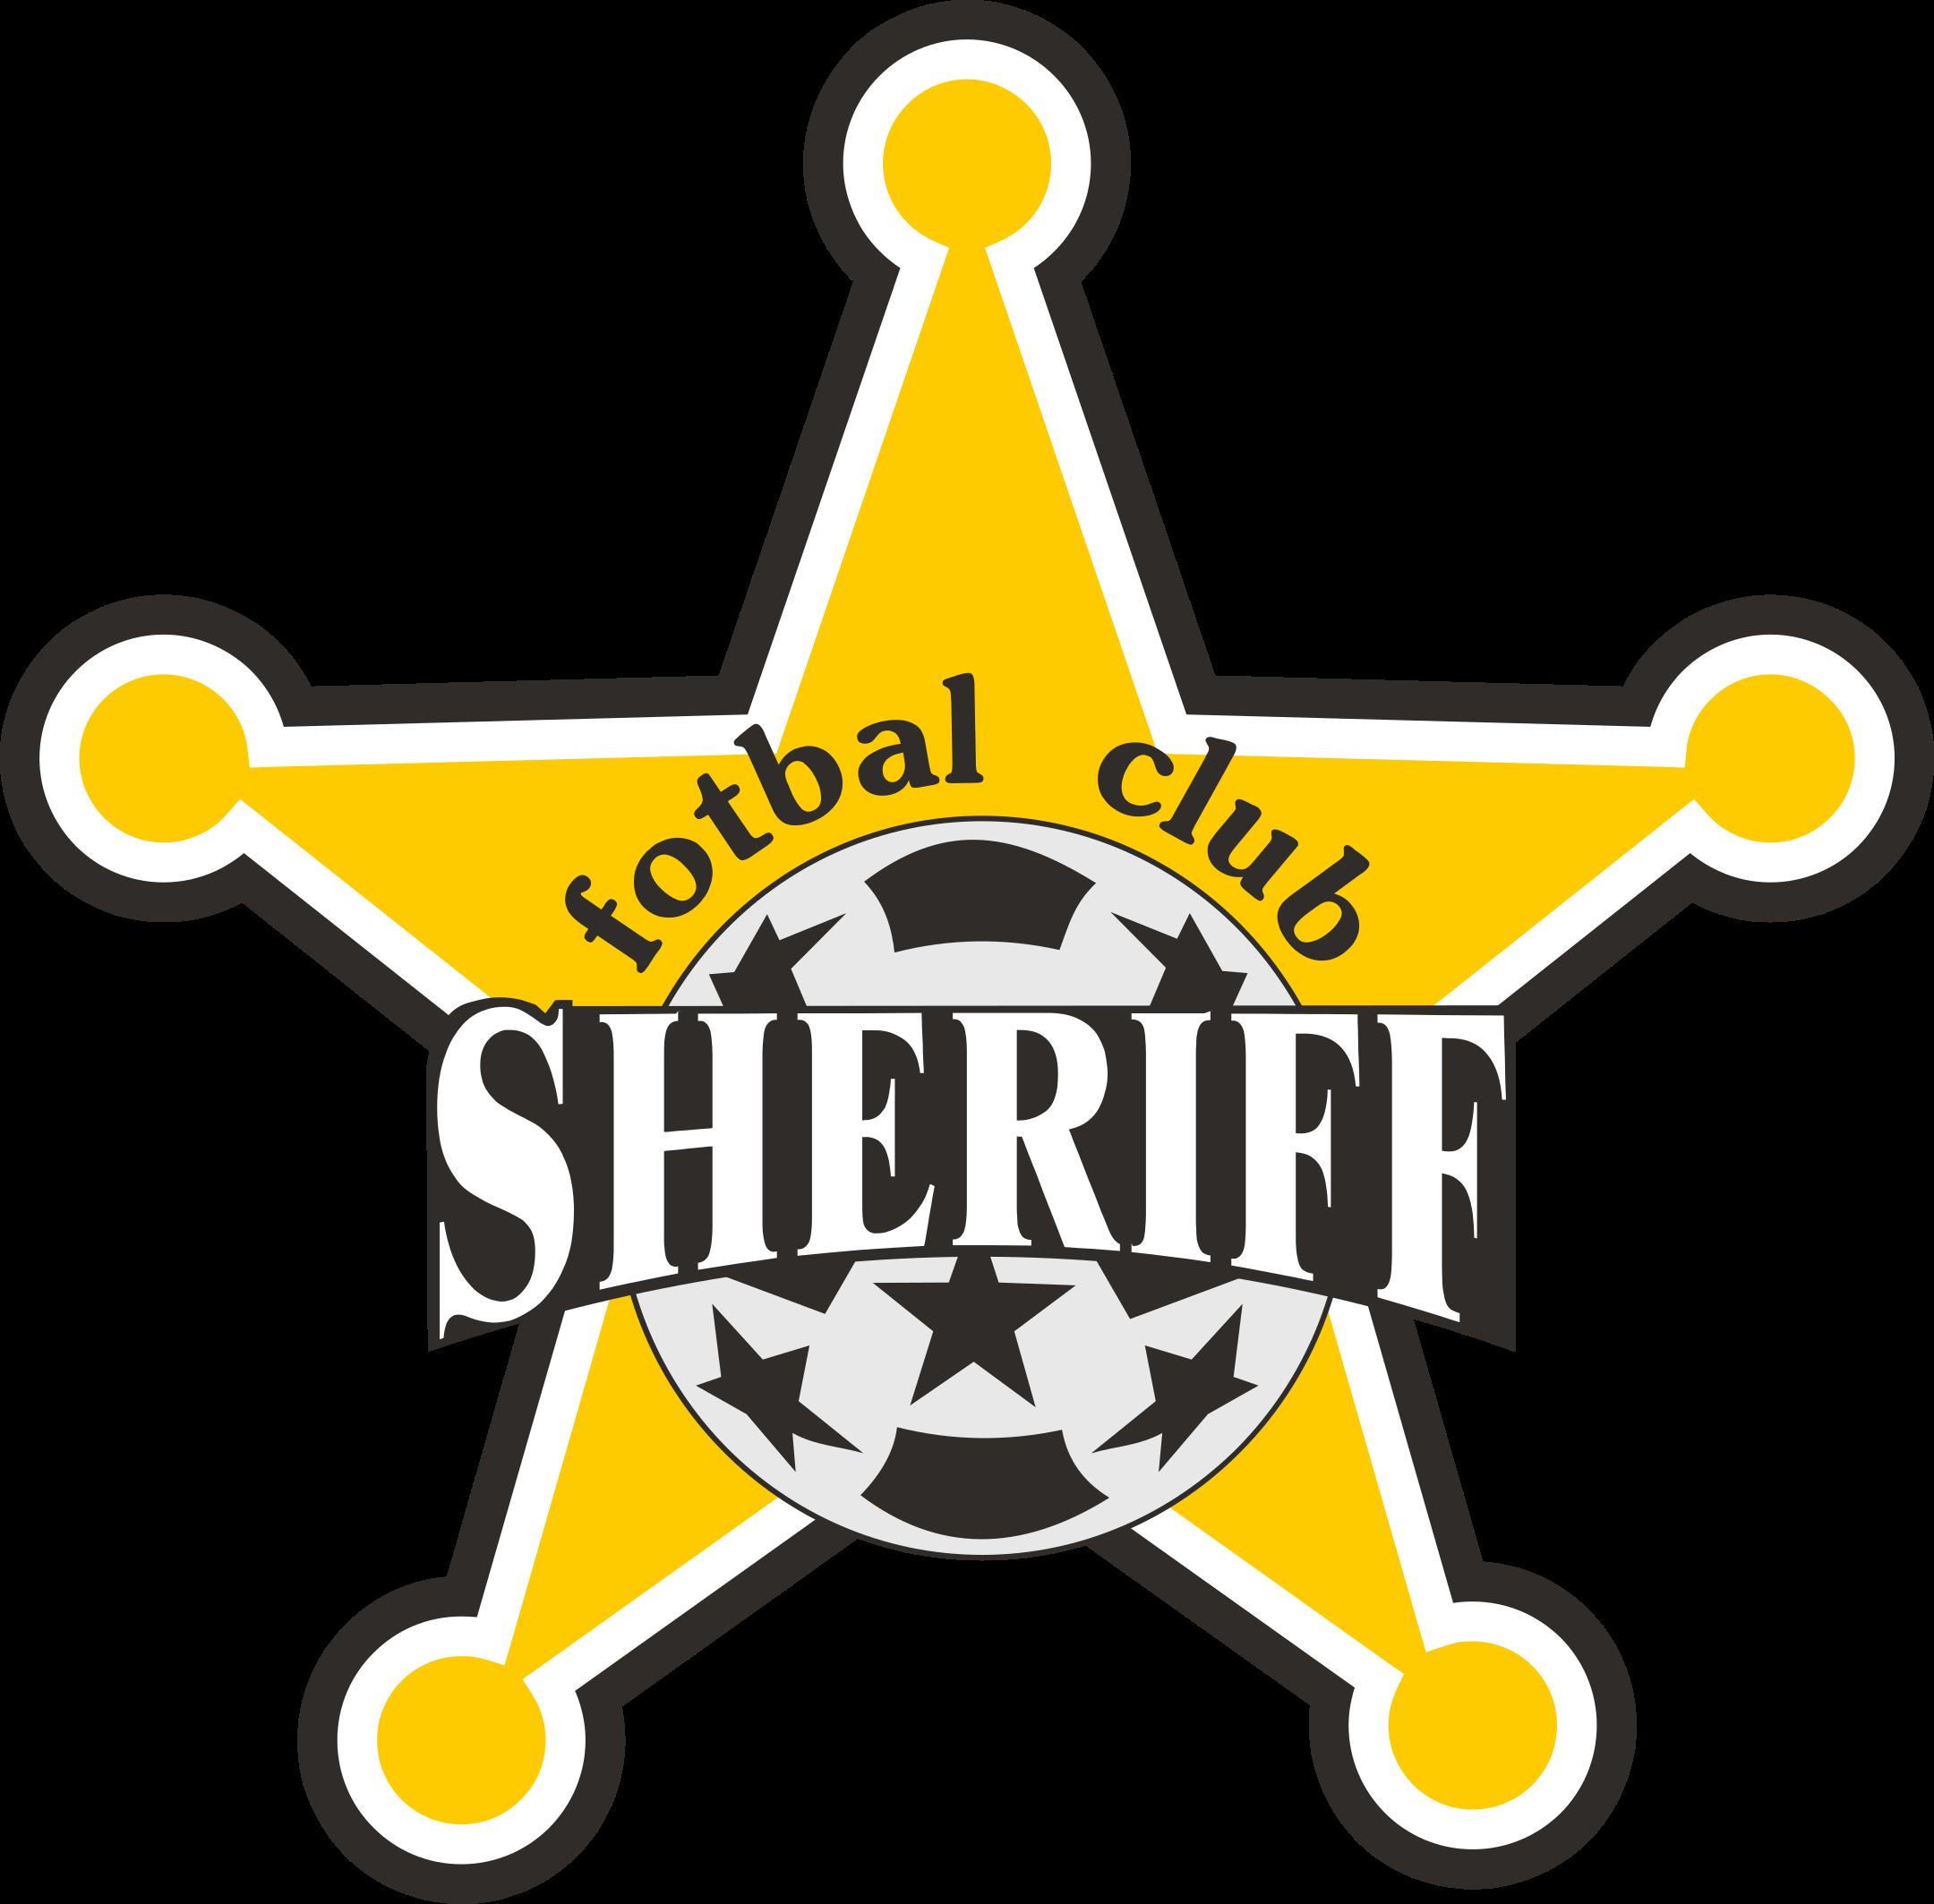 fk sheriff logo 1 - FK Sheriff Logo